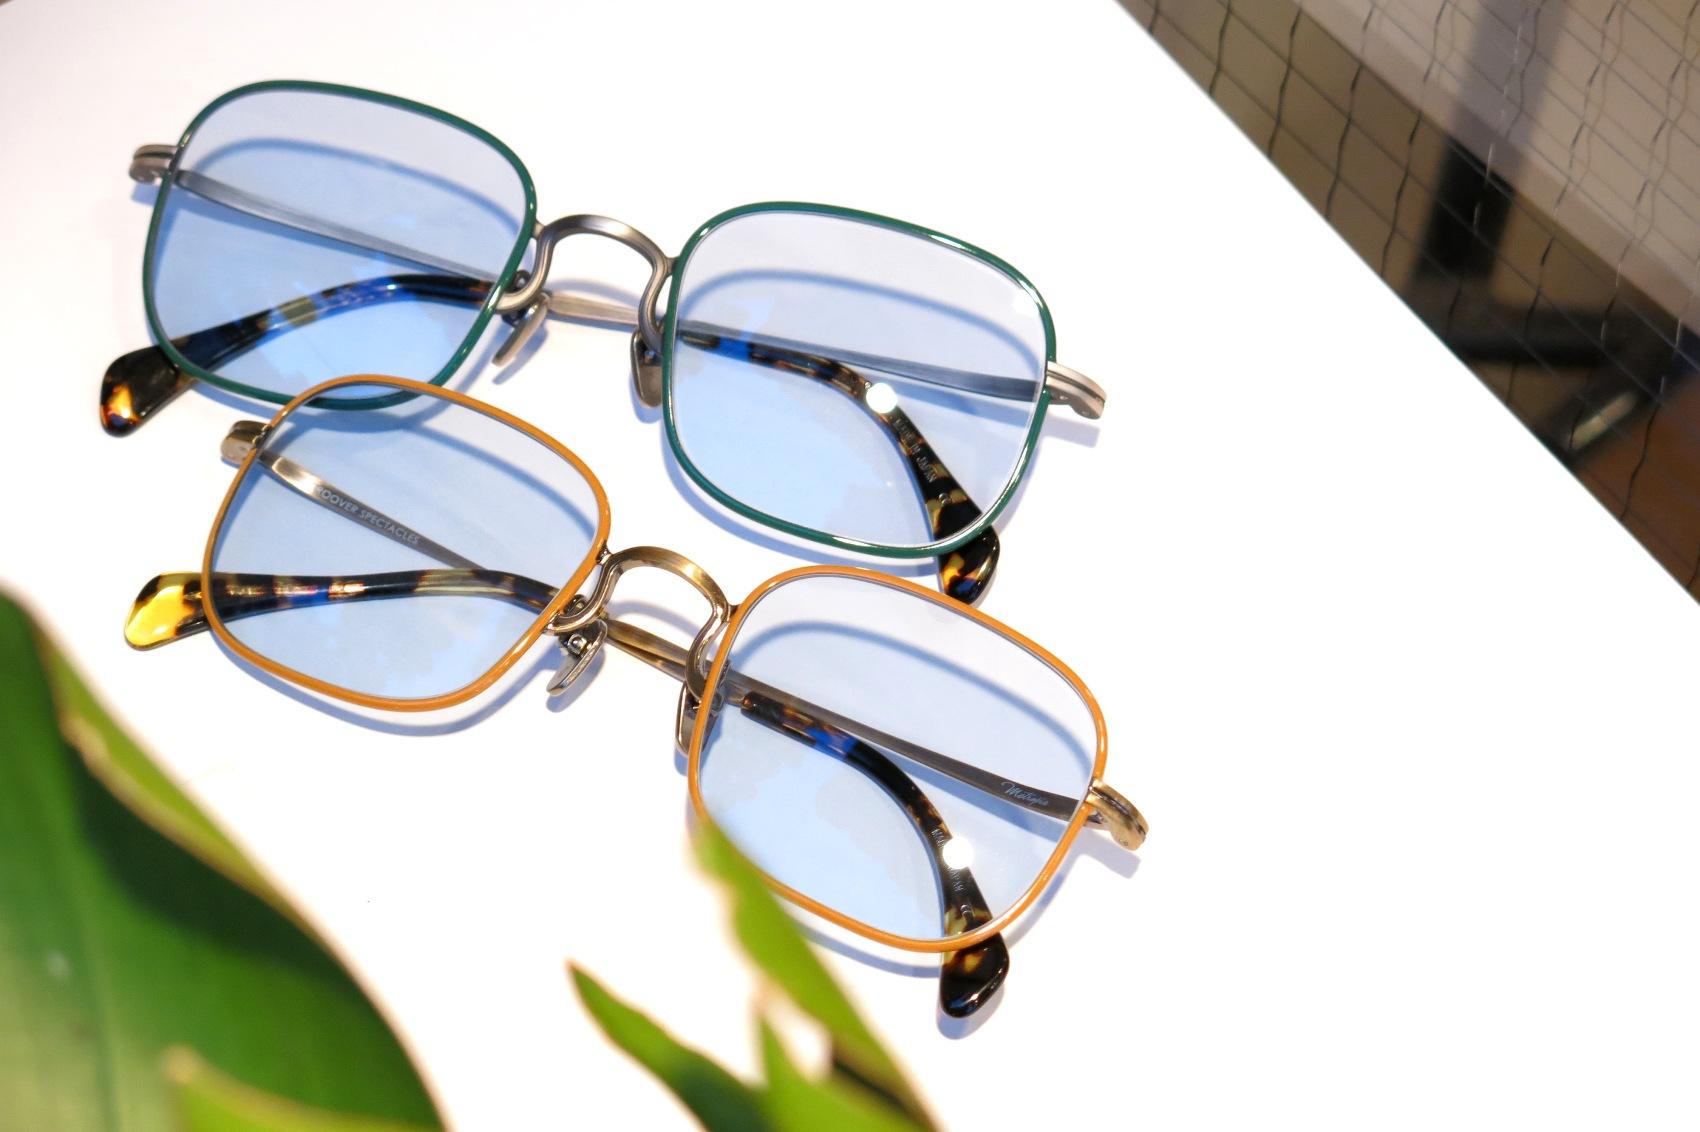 GROOVER/明らかに夏っぽいサングラス